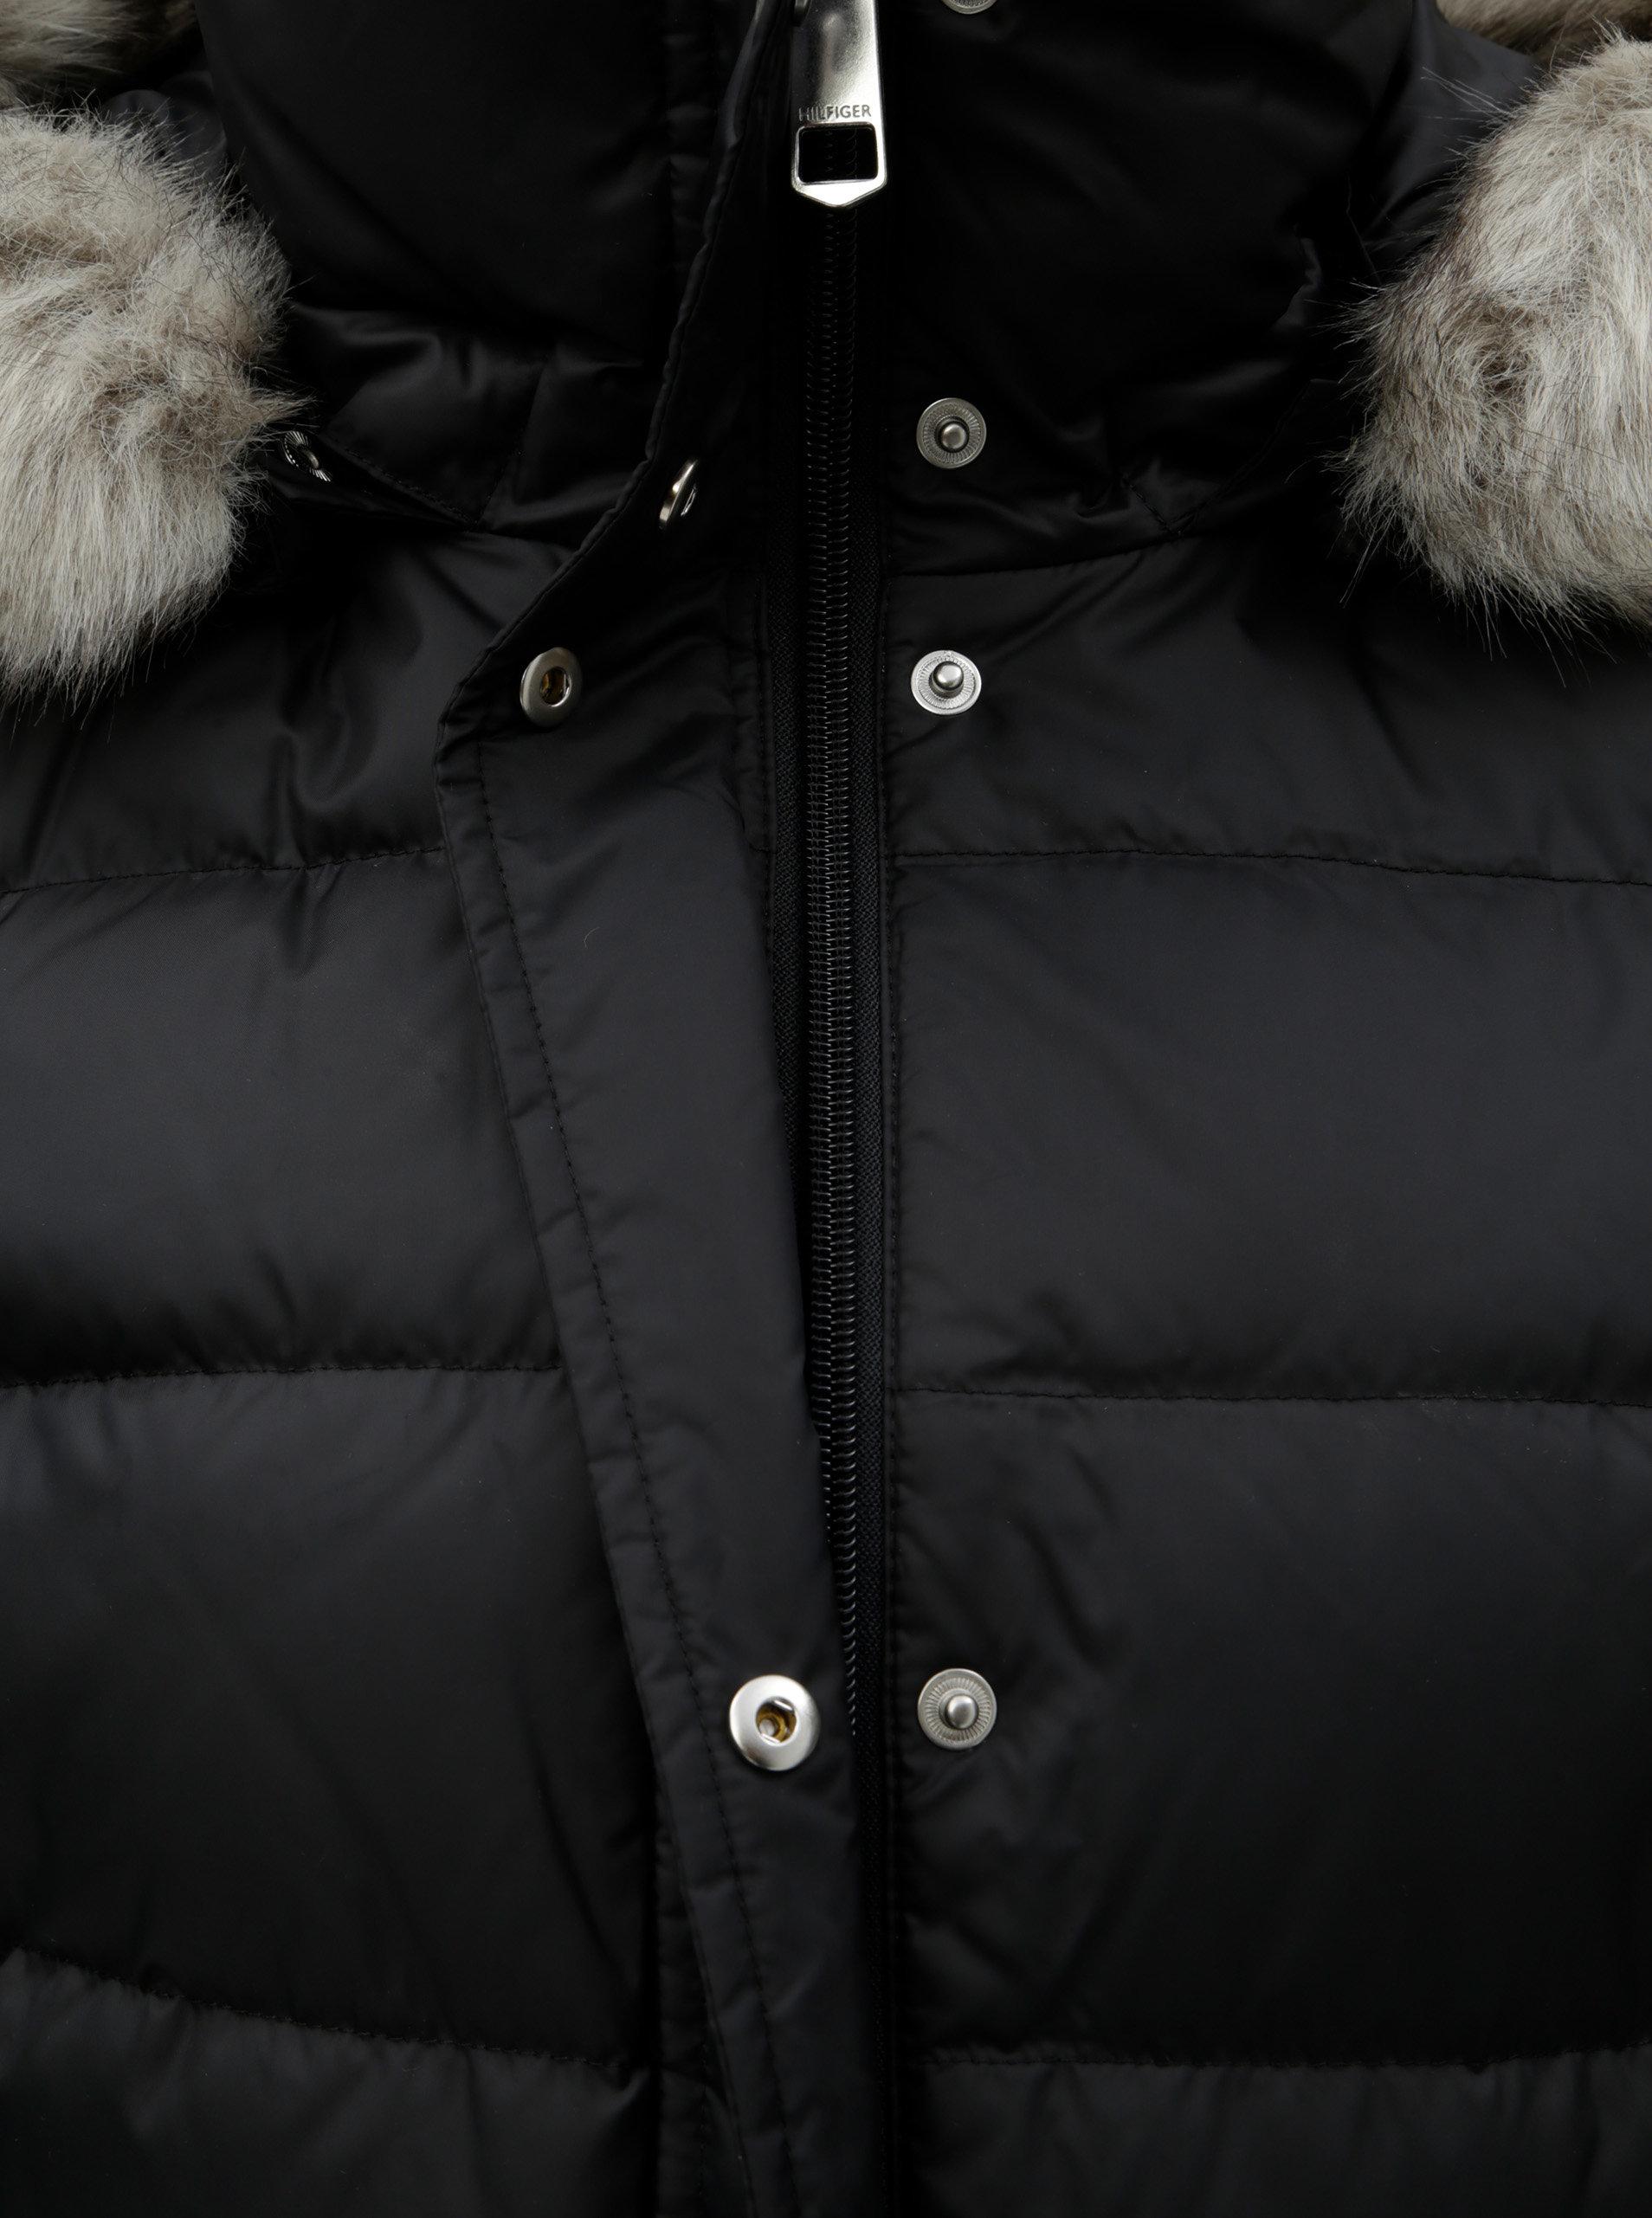 c926bfd8a9 Čierna dámska páperová prešívaná zimná bunda Tommy Hilfiger ...